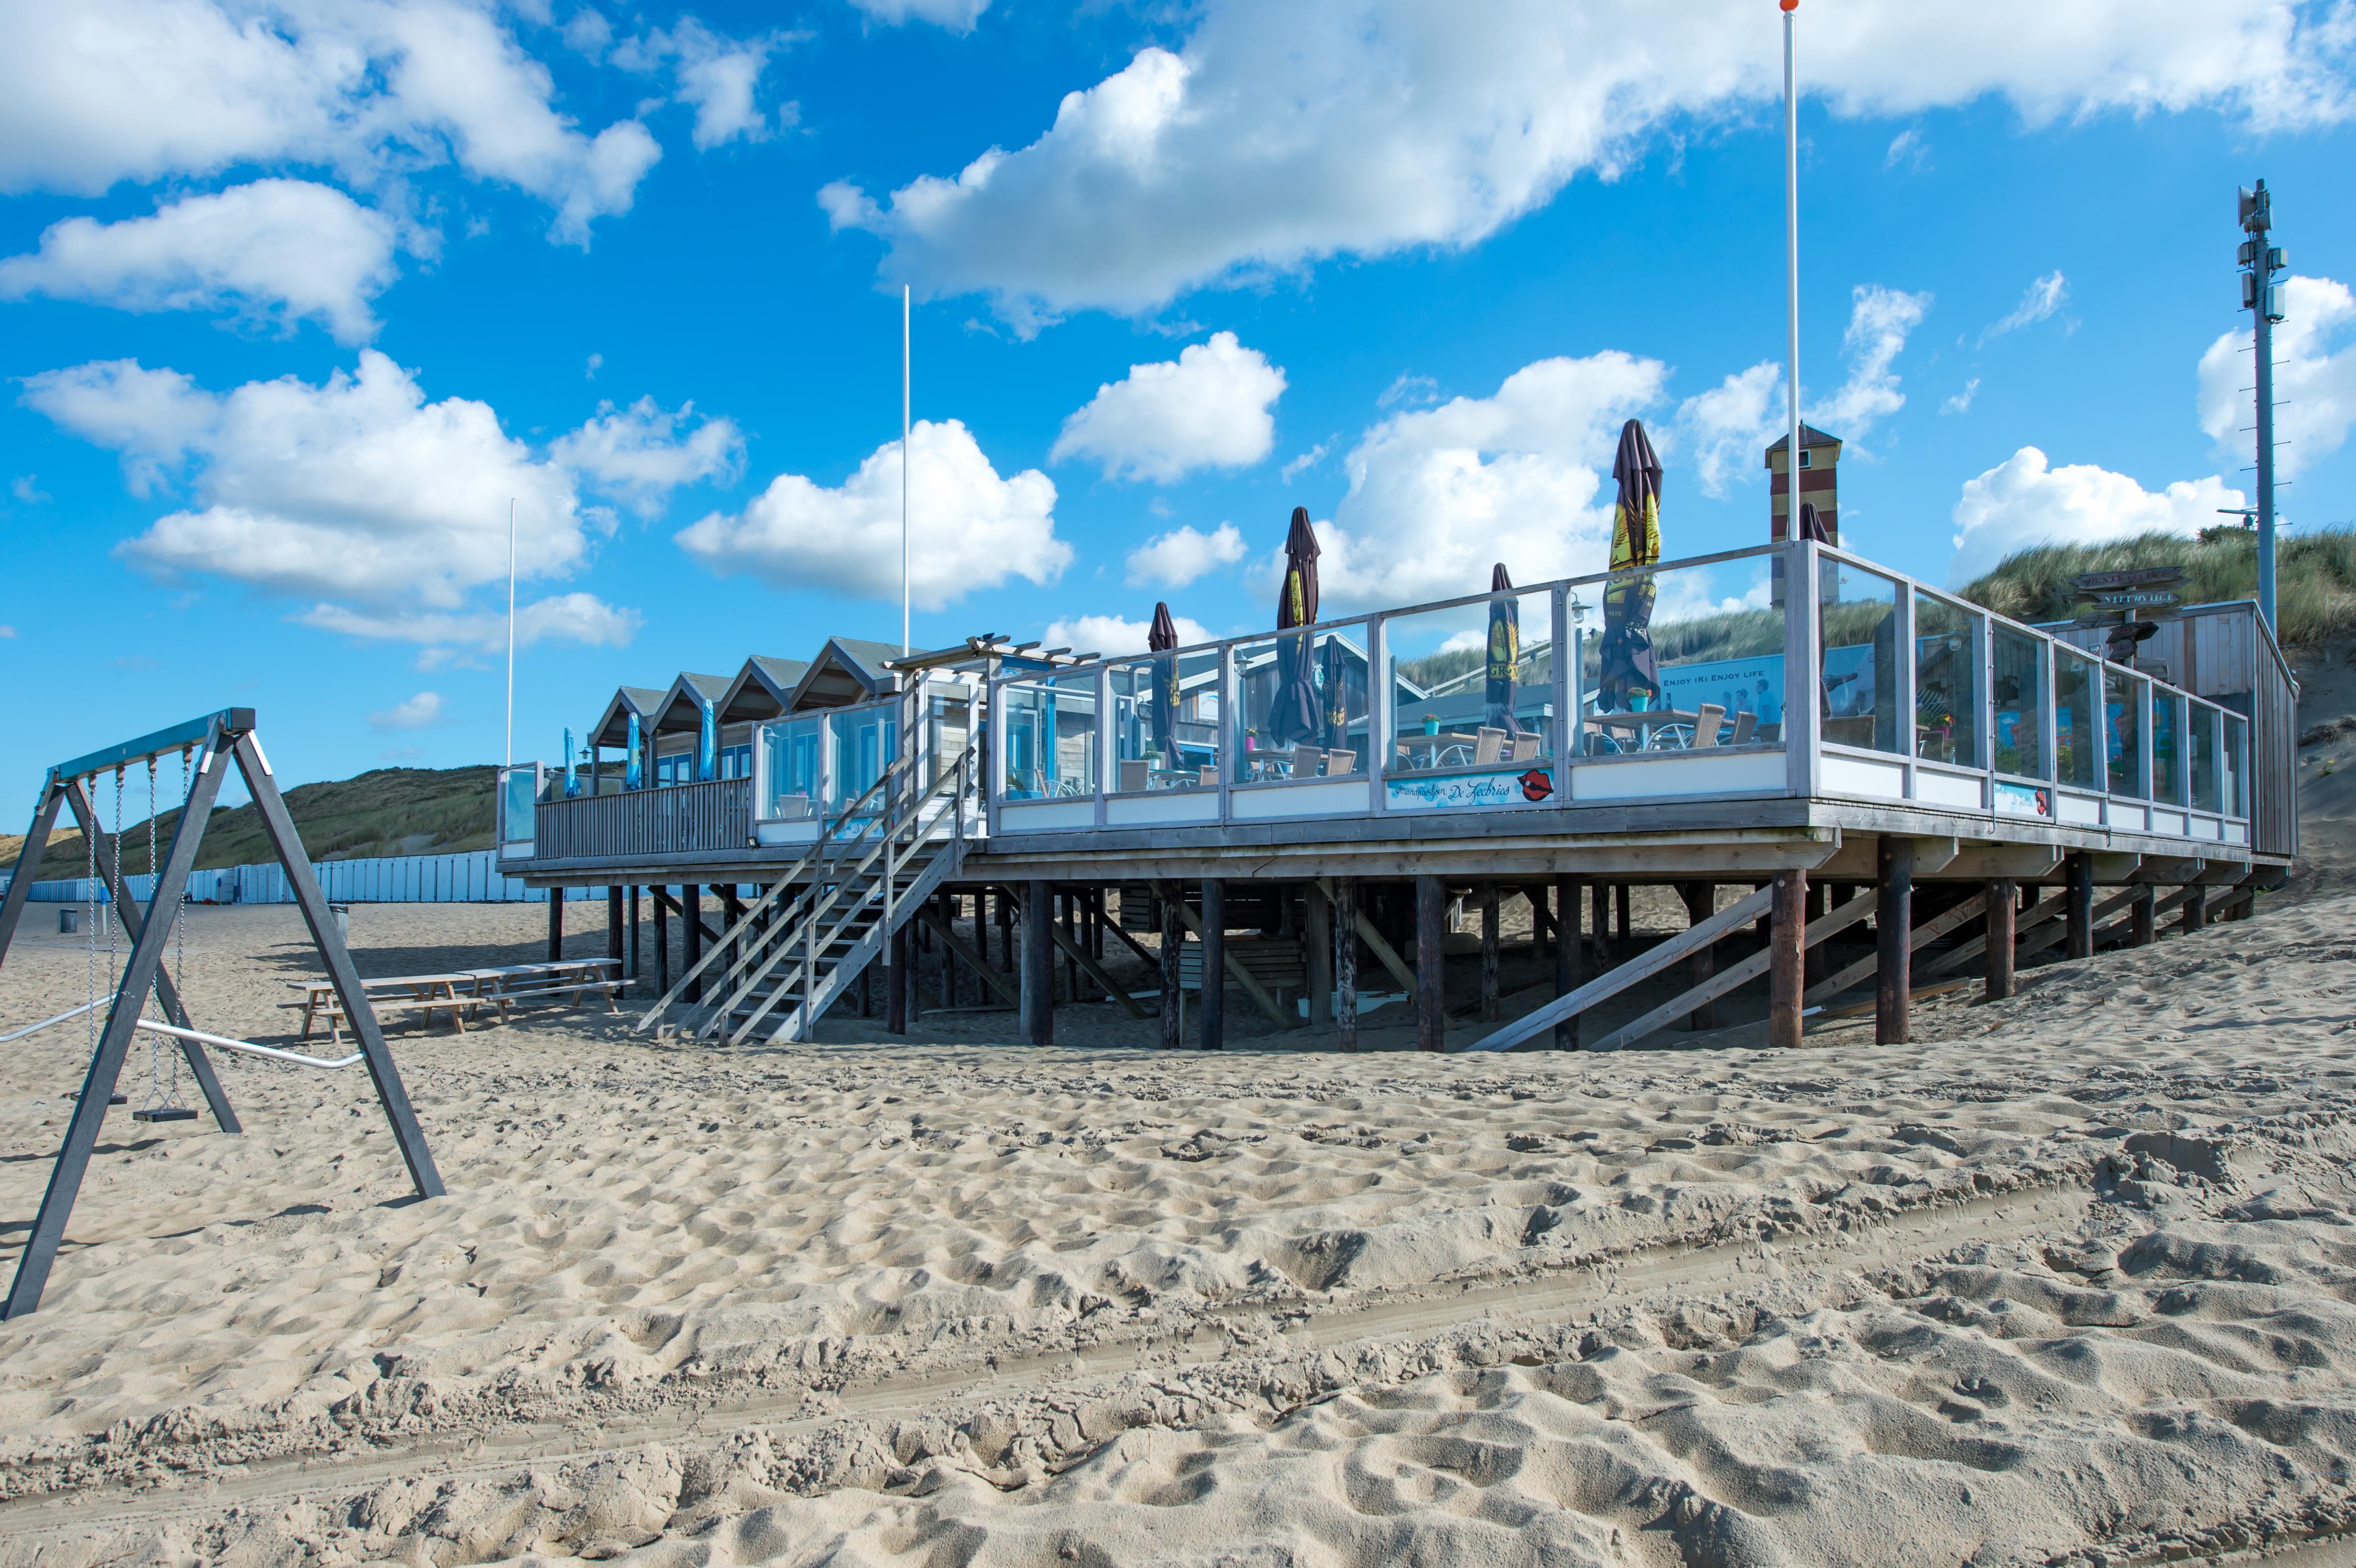 Welkom Bij Strandpaviljoen De Zeebries De Zeebries